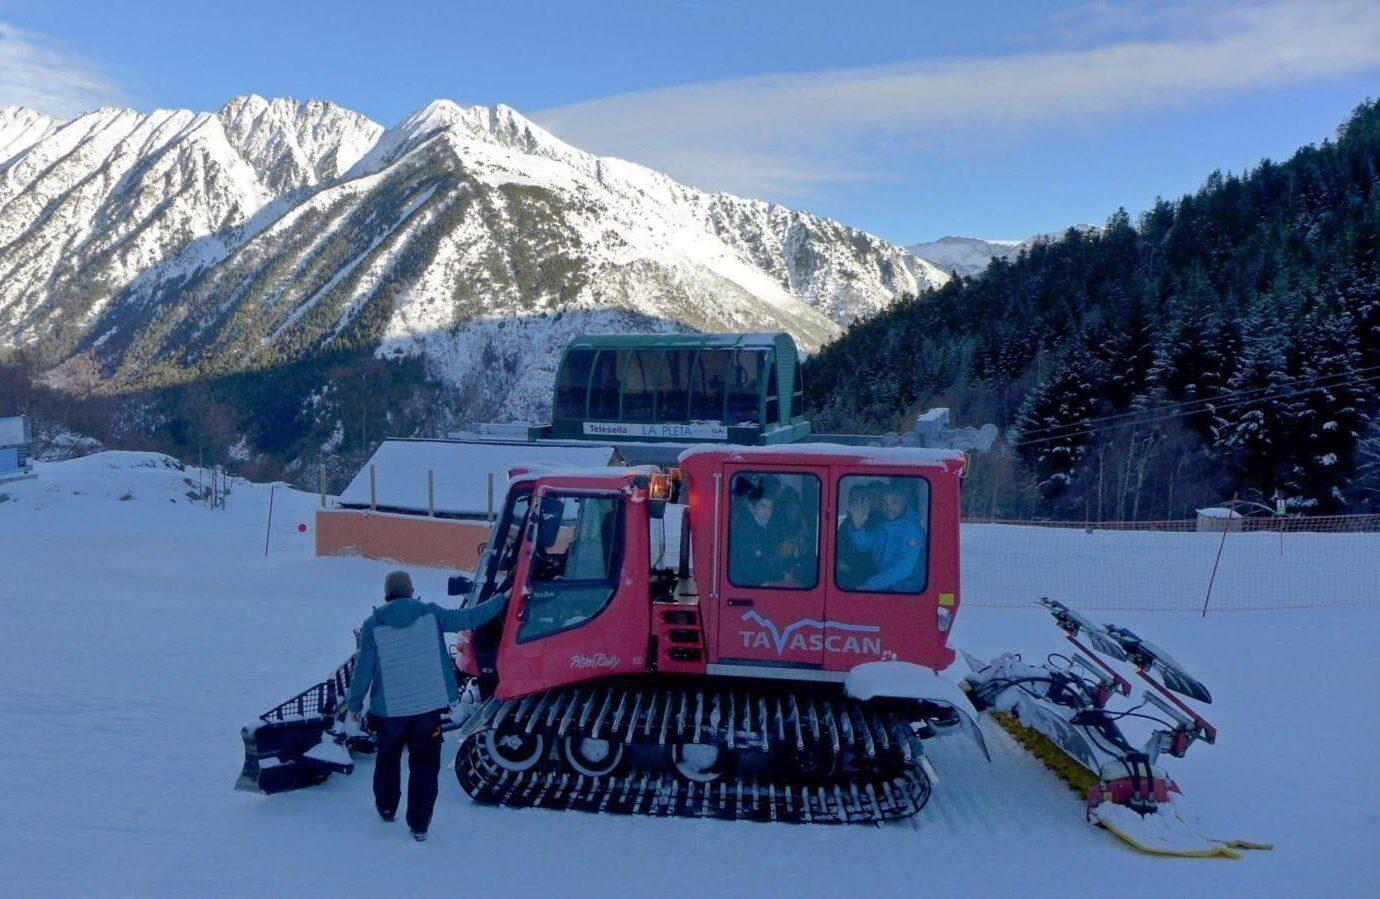 Visite guidée en snowretrac à Tavascan